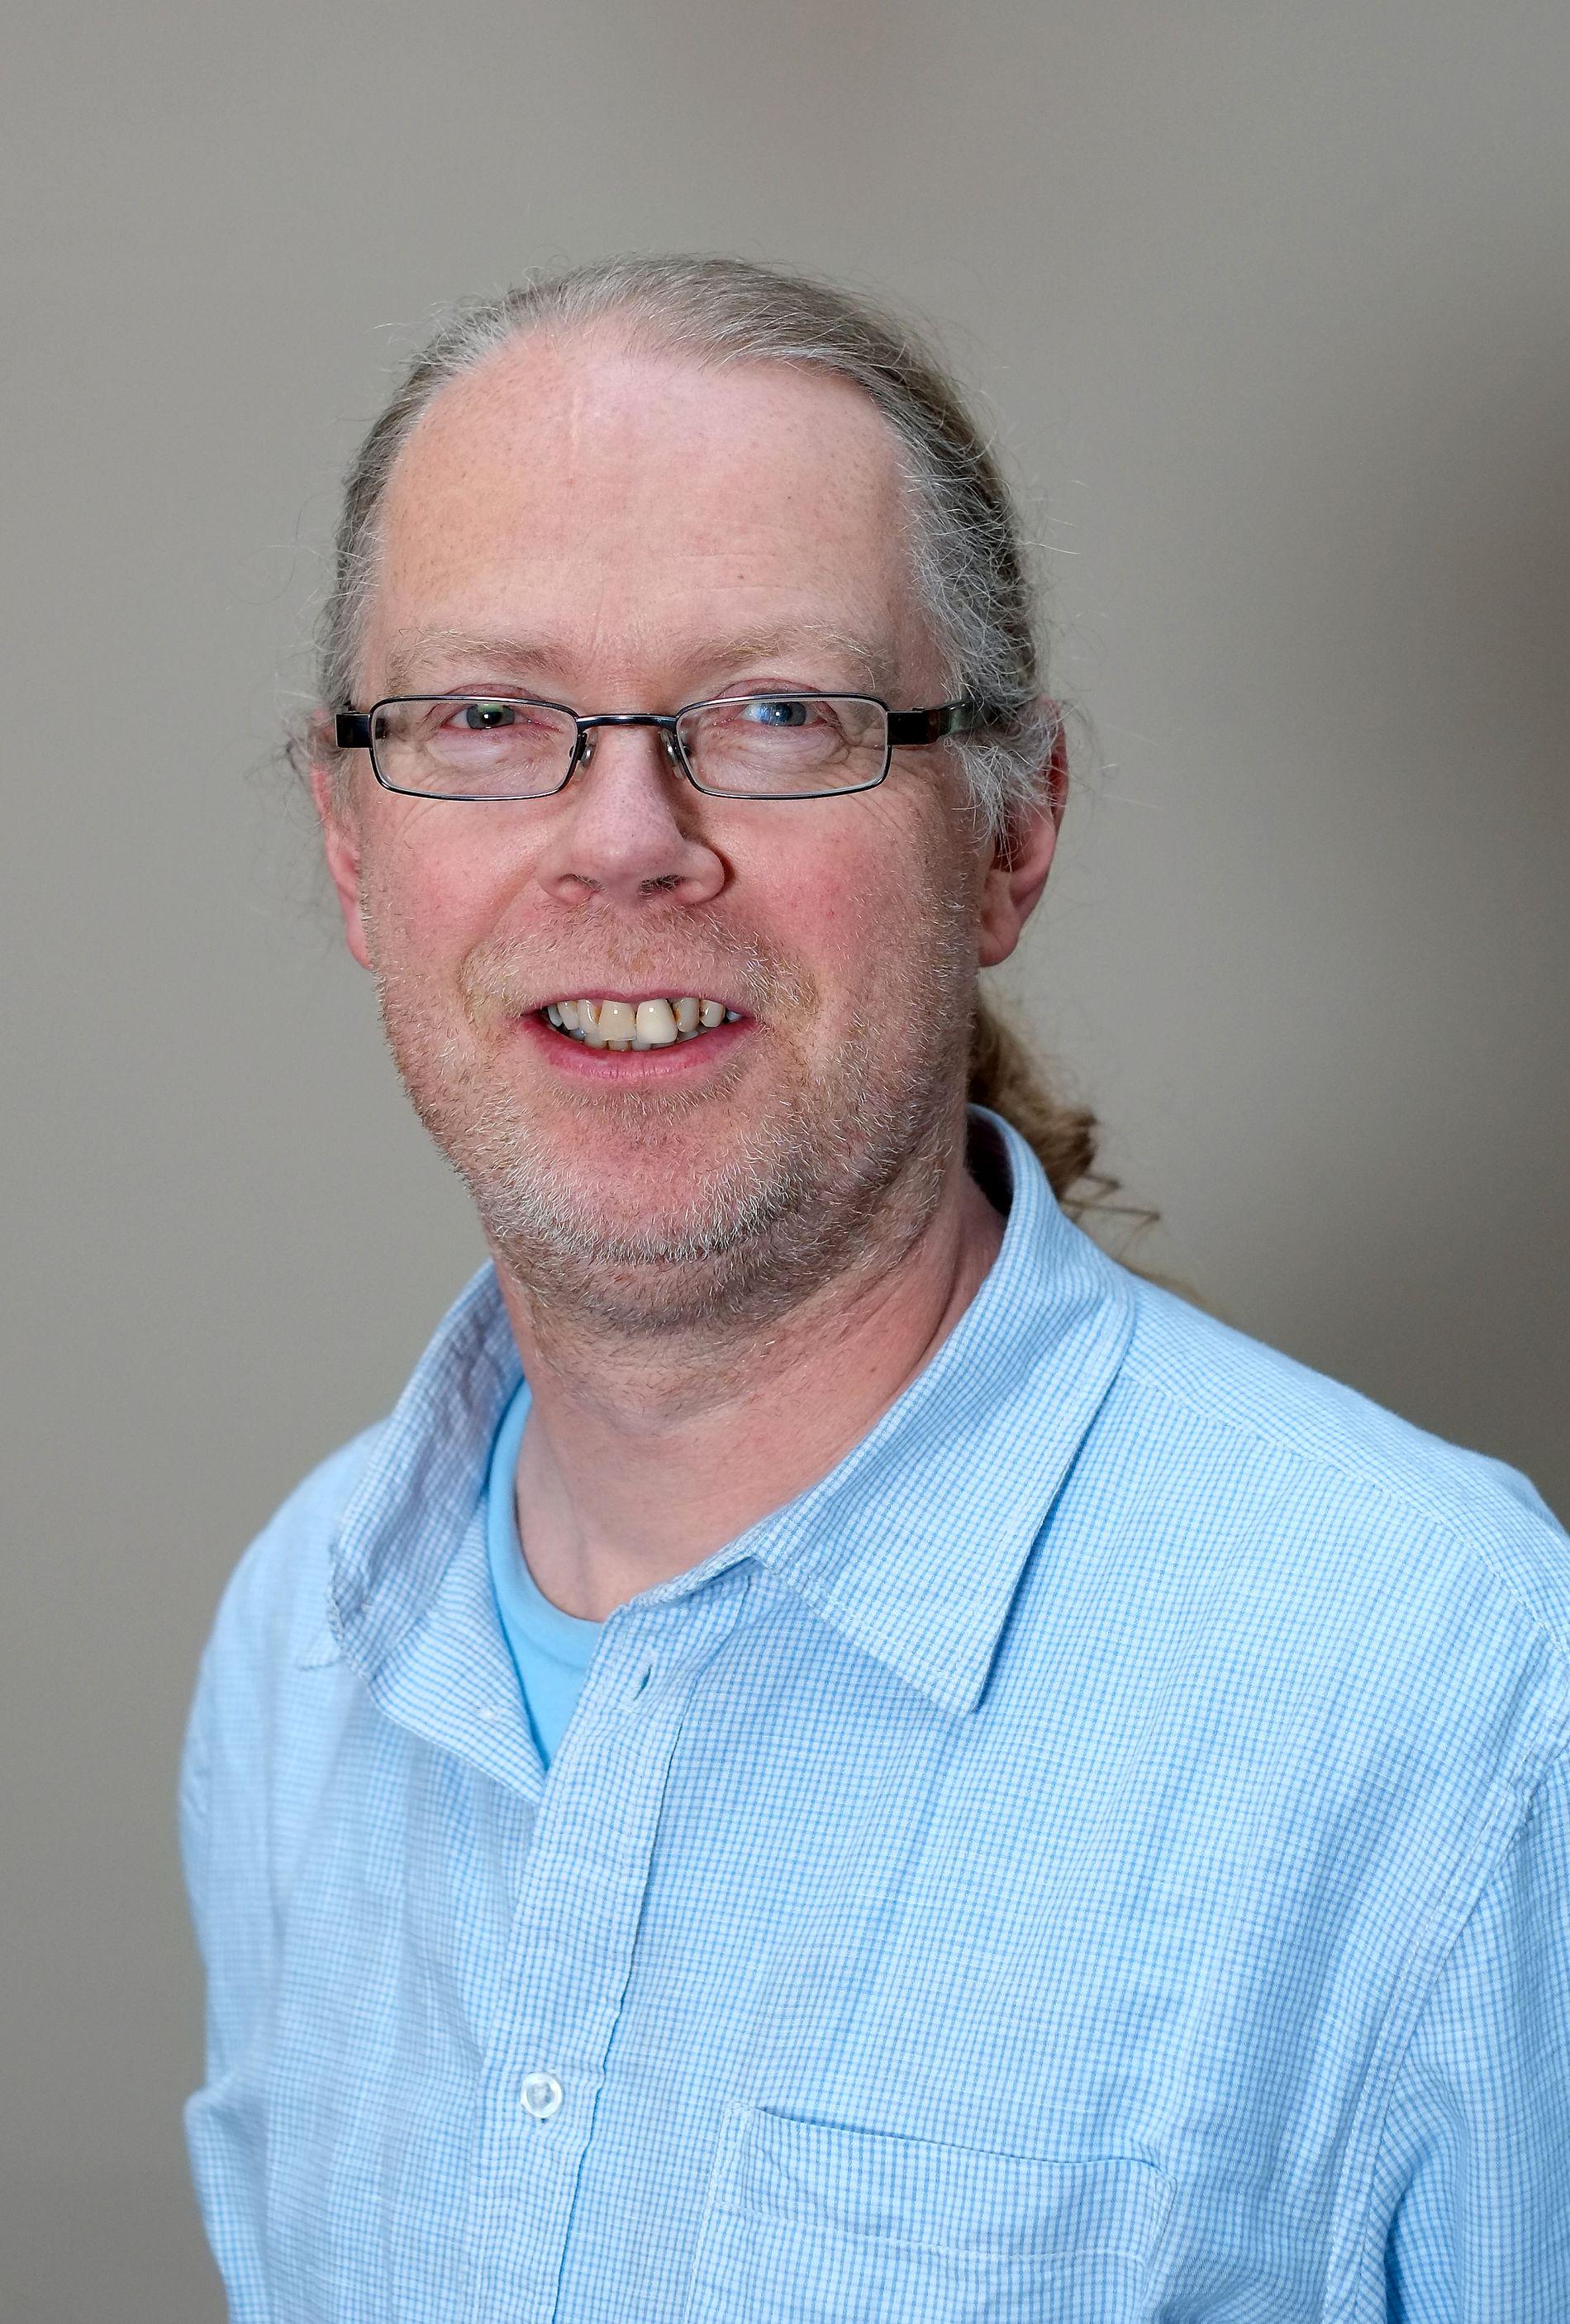 VARSLET: Trond Hatling leder i dag Nasjonalt kompetansesenter for psykisk helsearbeidved NTNU i Trondheim. Han varslet allerede i 1998 om problemene med tvangsdata.